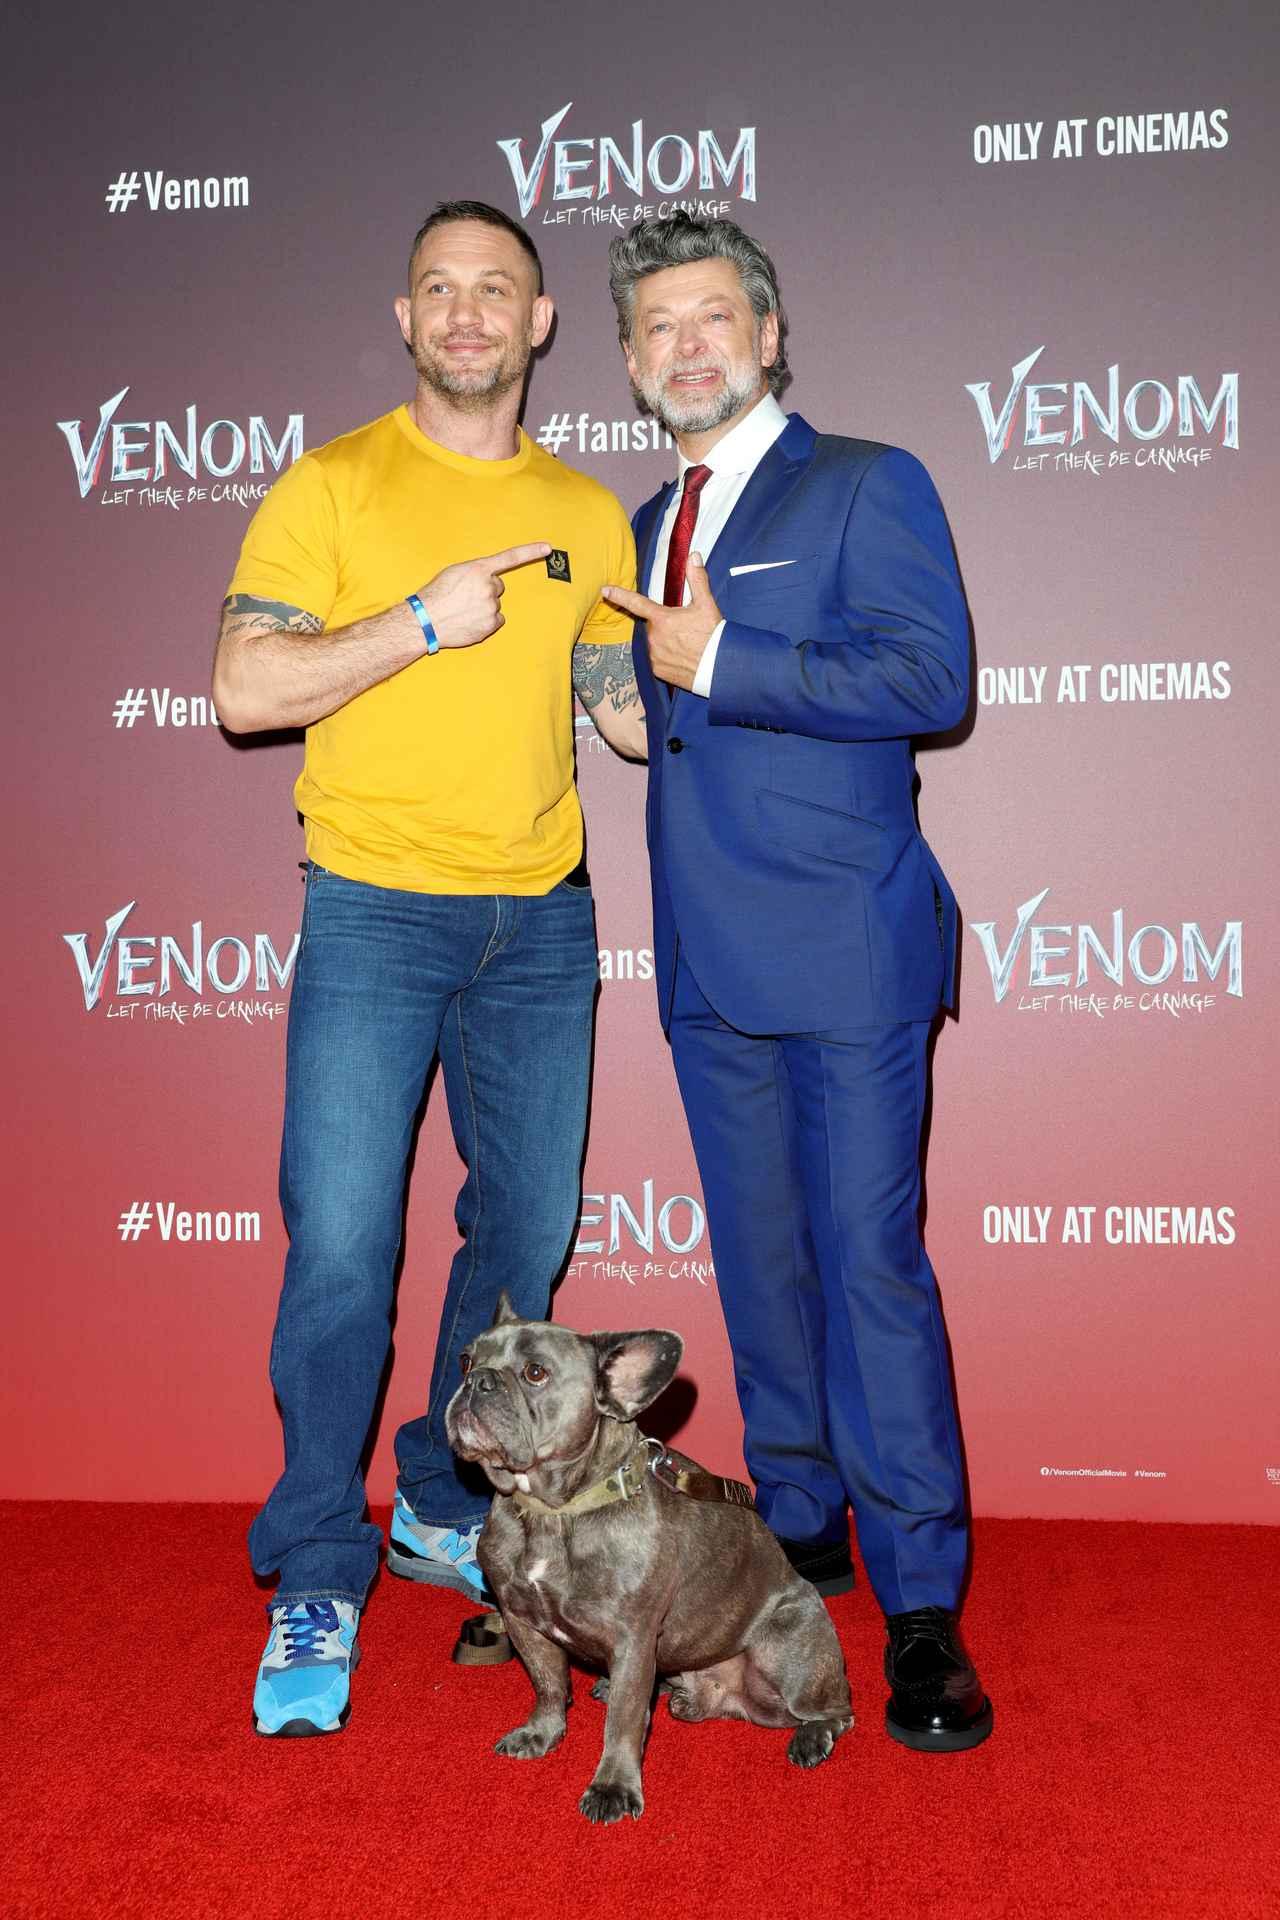 画像: トム・ハーディ(左)、アンディ・サーキス(右)、トムの愛犬ブルー(中央下)